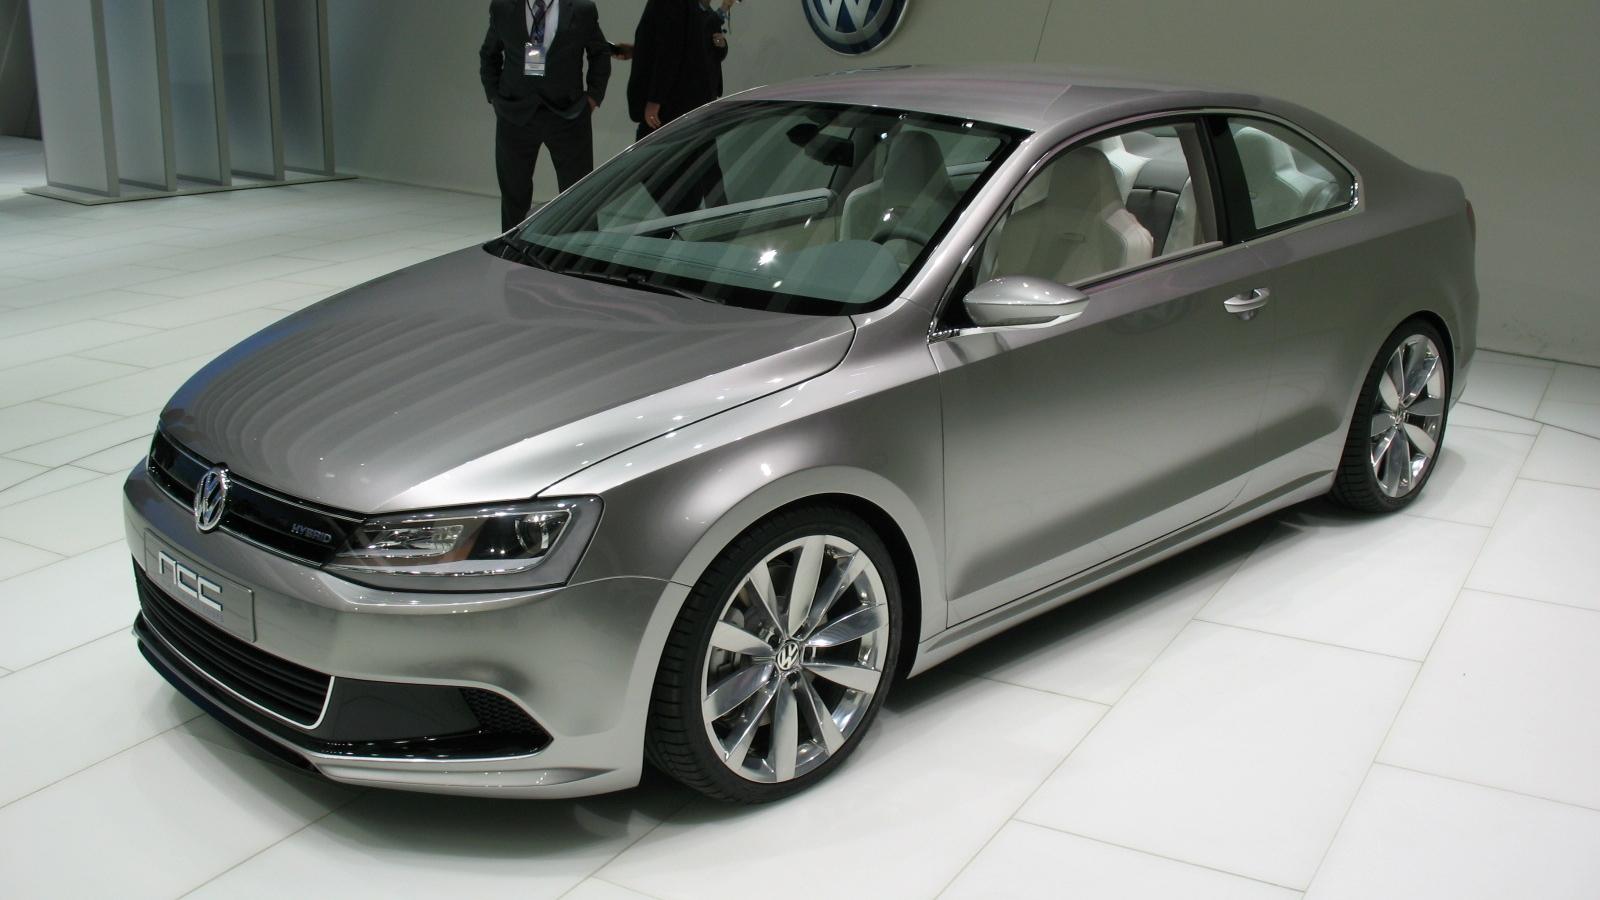 Detroit Auto Show: Volkswagen New Compact Coupe (NCC) concept